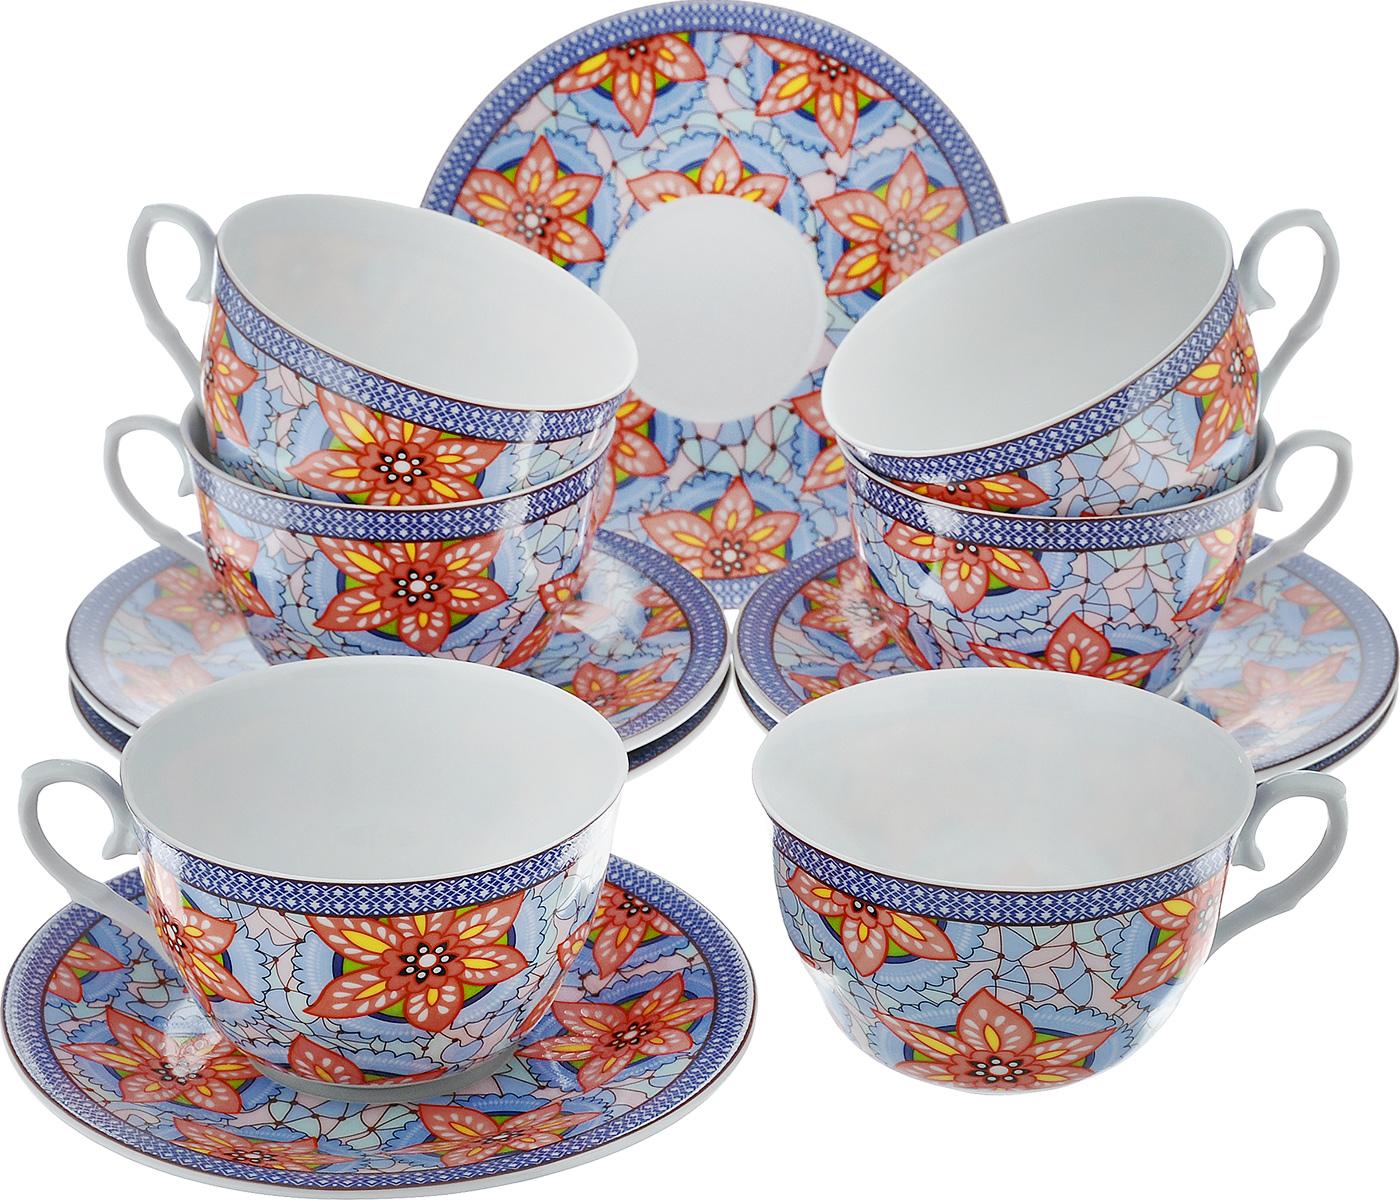 Чайный набор LarangE Витраж, цвет: голубой, персиковый, 12 предметов586-316Чайный набор LarangE Витраж состоит из шести чашек и шести блюдец, изготовленных из фарфора. Предметы набора оформлены изящным ярким рисунком. Чайный набор LarangE Витраж украсит ваш кухонный стол, а также станет замечательным подарком друзьям и близким. Объем чашки: 250 мл. Диаметр чашки по верхнему краю: 9 см. Высота чашки: 6 см. Диаметр блюдца: 14,5 см.